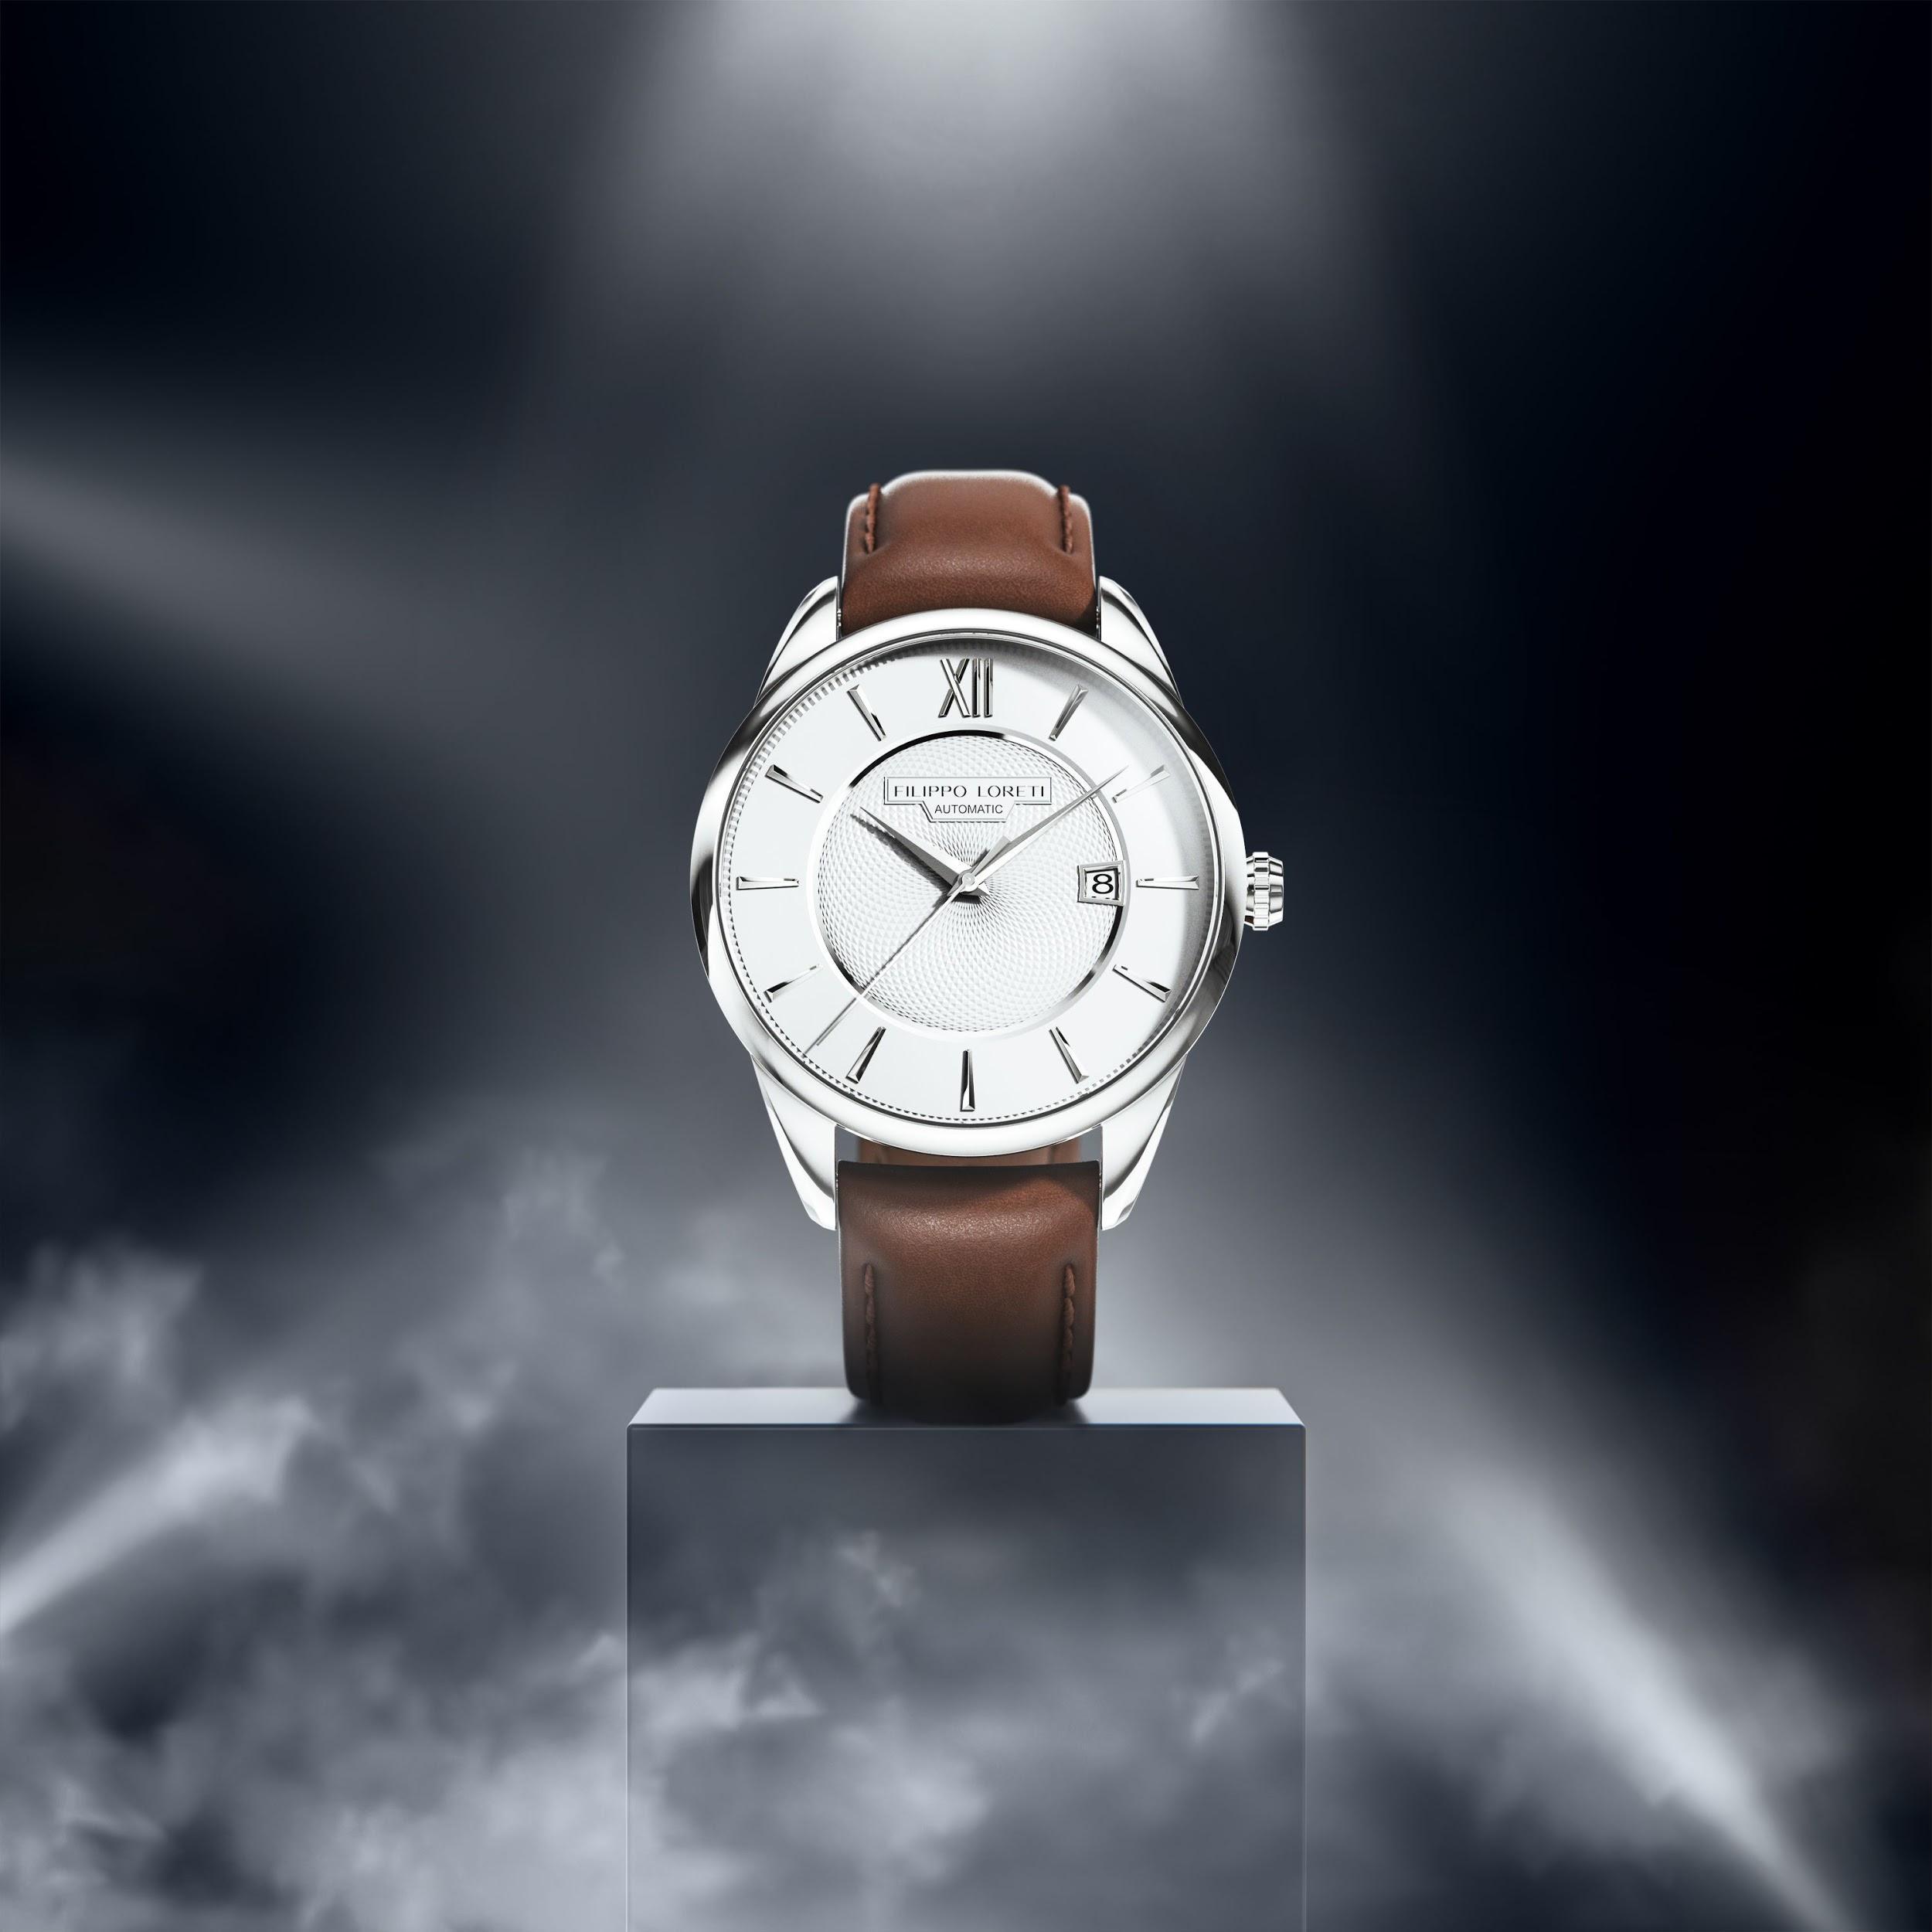 Rome Silver Automatic Watch from Filippo Loreti